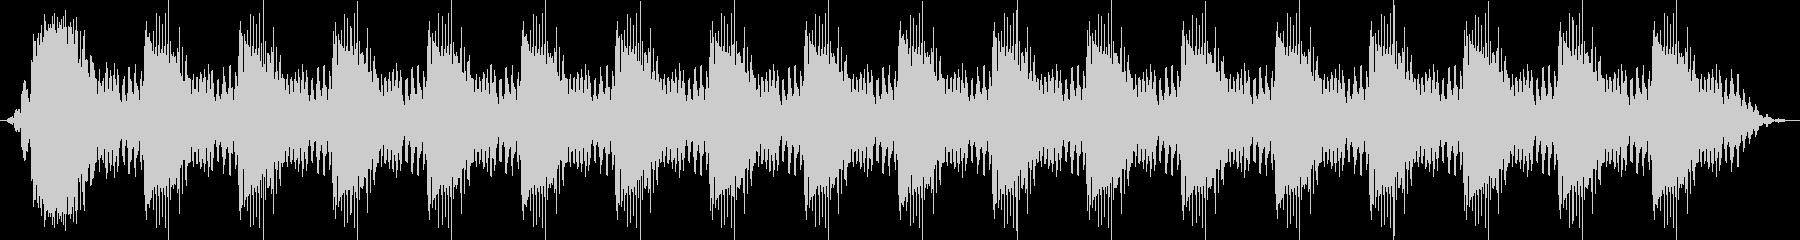 小さなプラスチック製の音響警告アラ...の未再生の波形